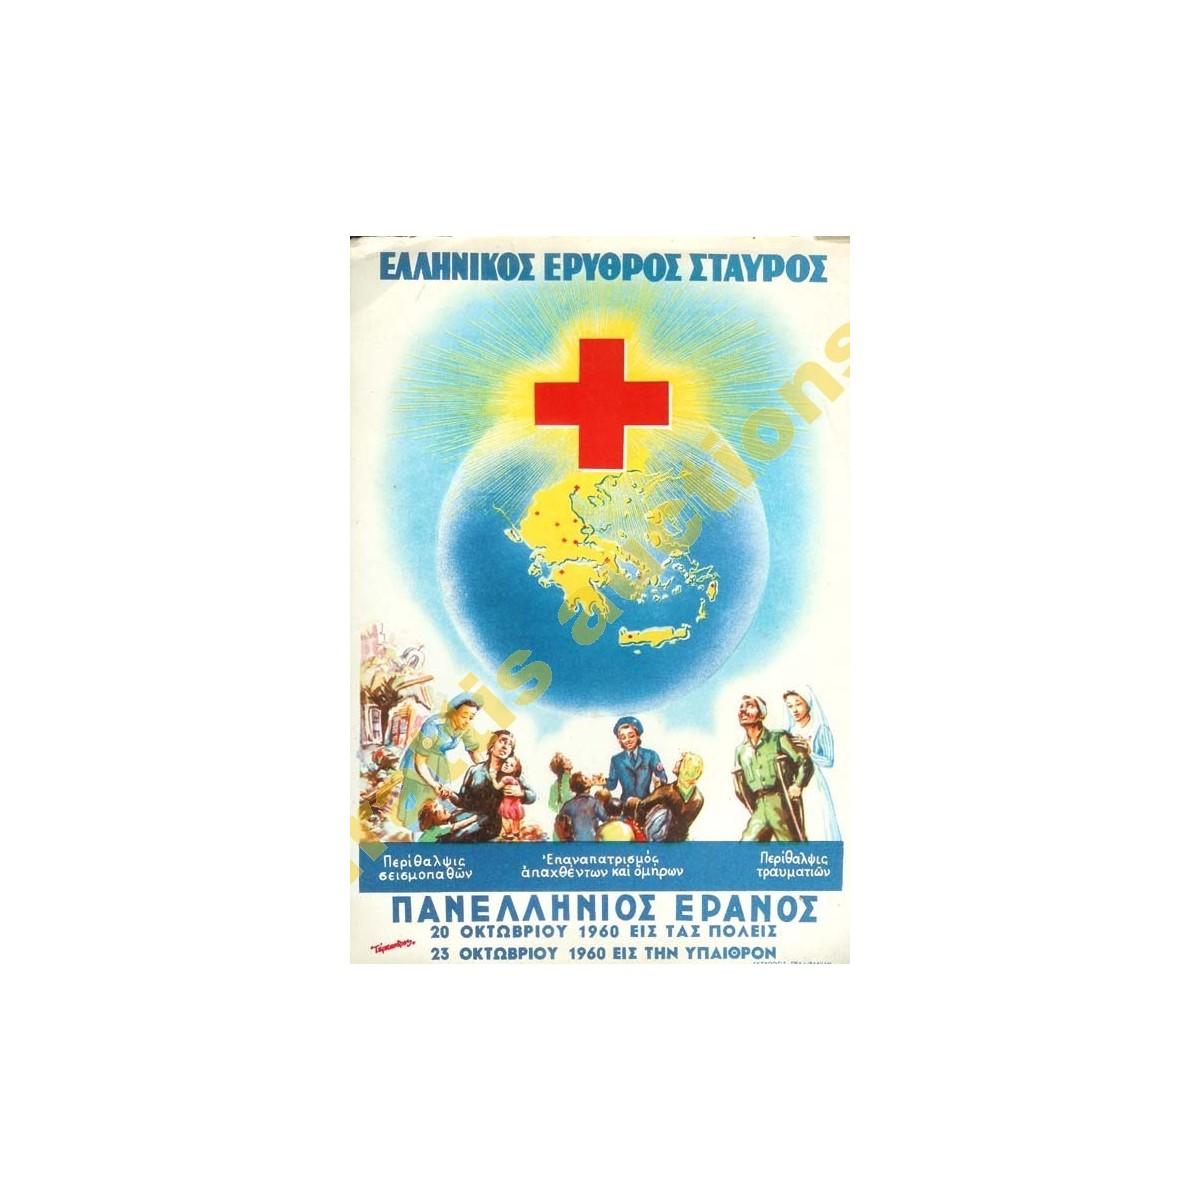 Ελληνικός Ερυθρός Σταυρός, χάρτινη αφίσα. ΄60s